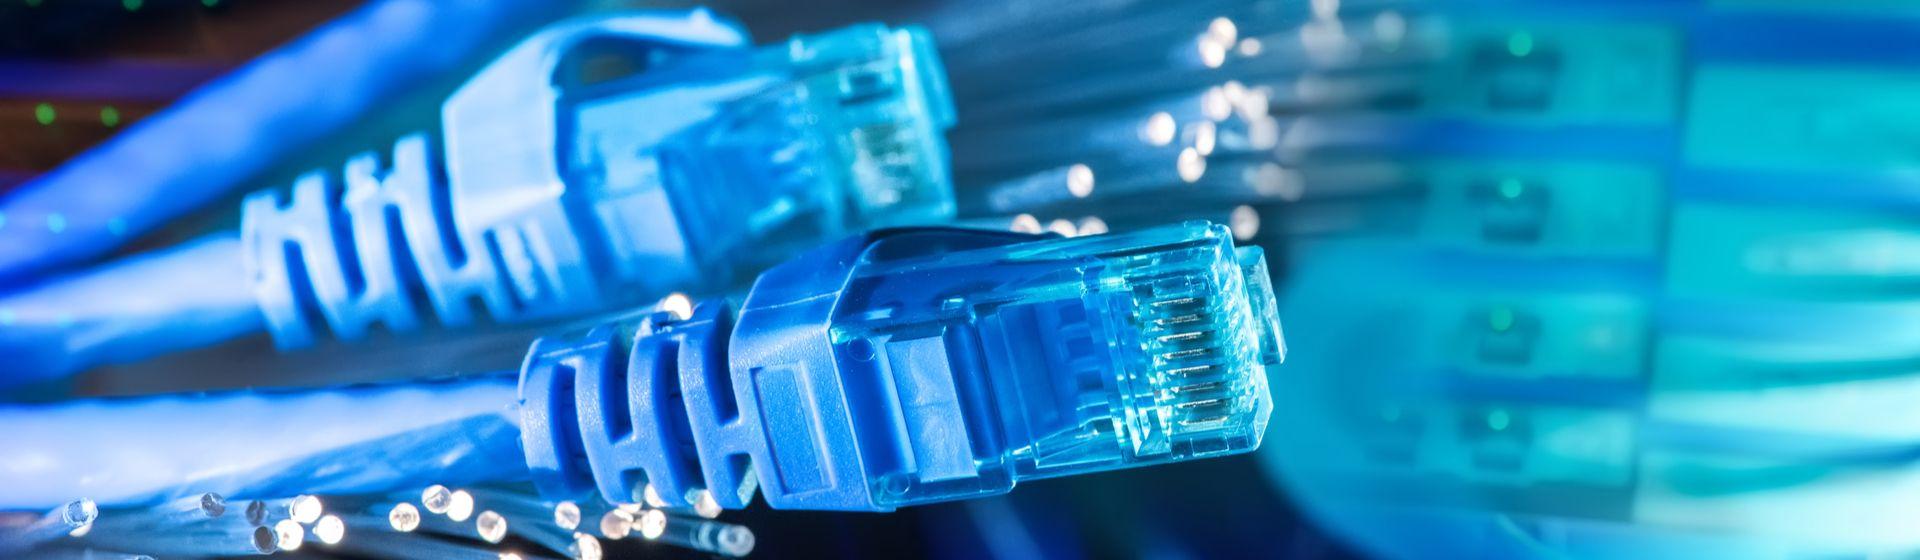 Cabo Ethernet (RJ-45): entenda os tipos e saiba qual é melhor